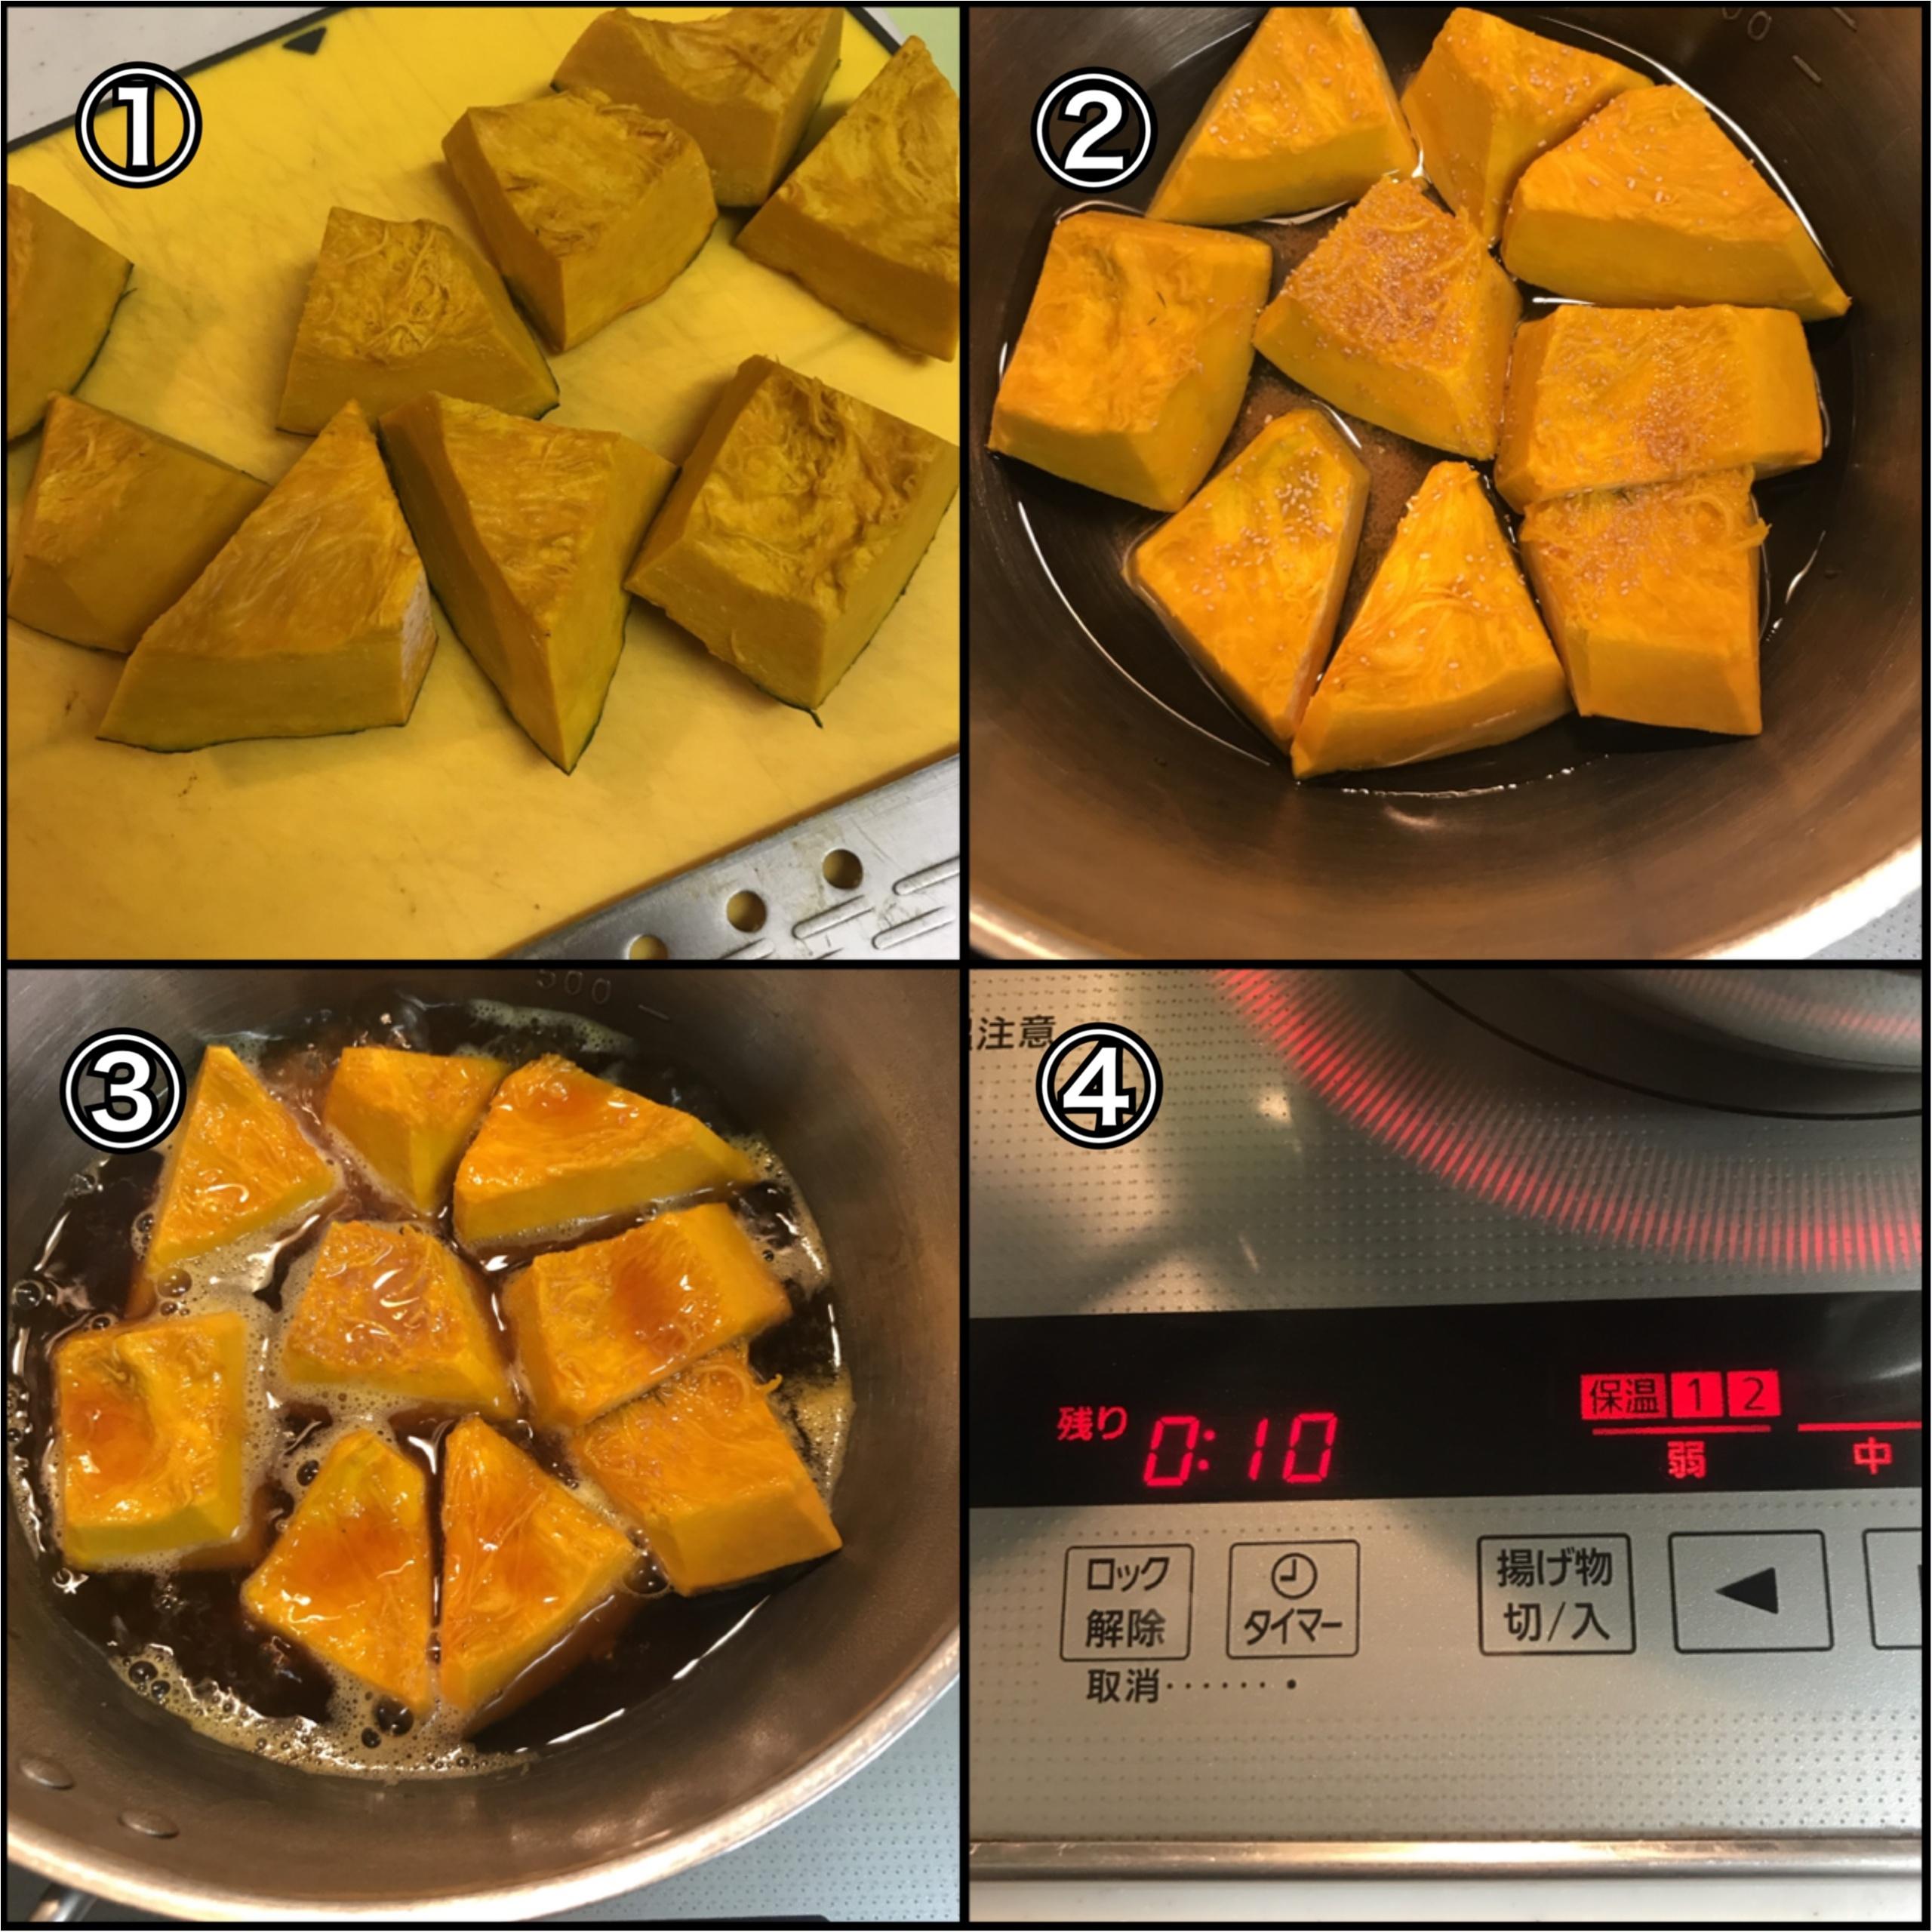 【Let's ヨメカツ♡】覚えやすい分量で!簡単すぎる《かぼちゃの煮物》のレシピ☺︎_3